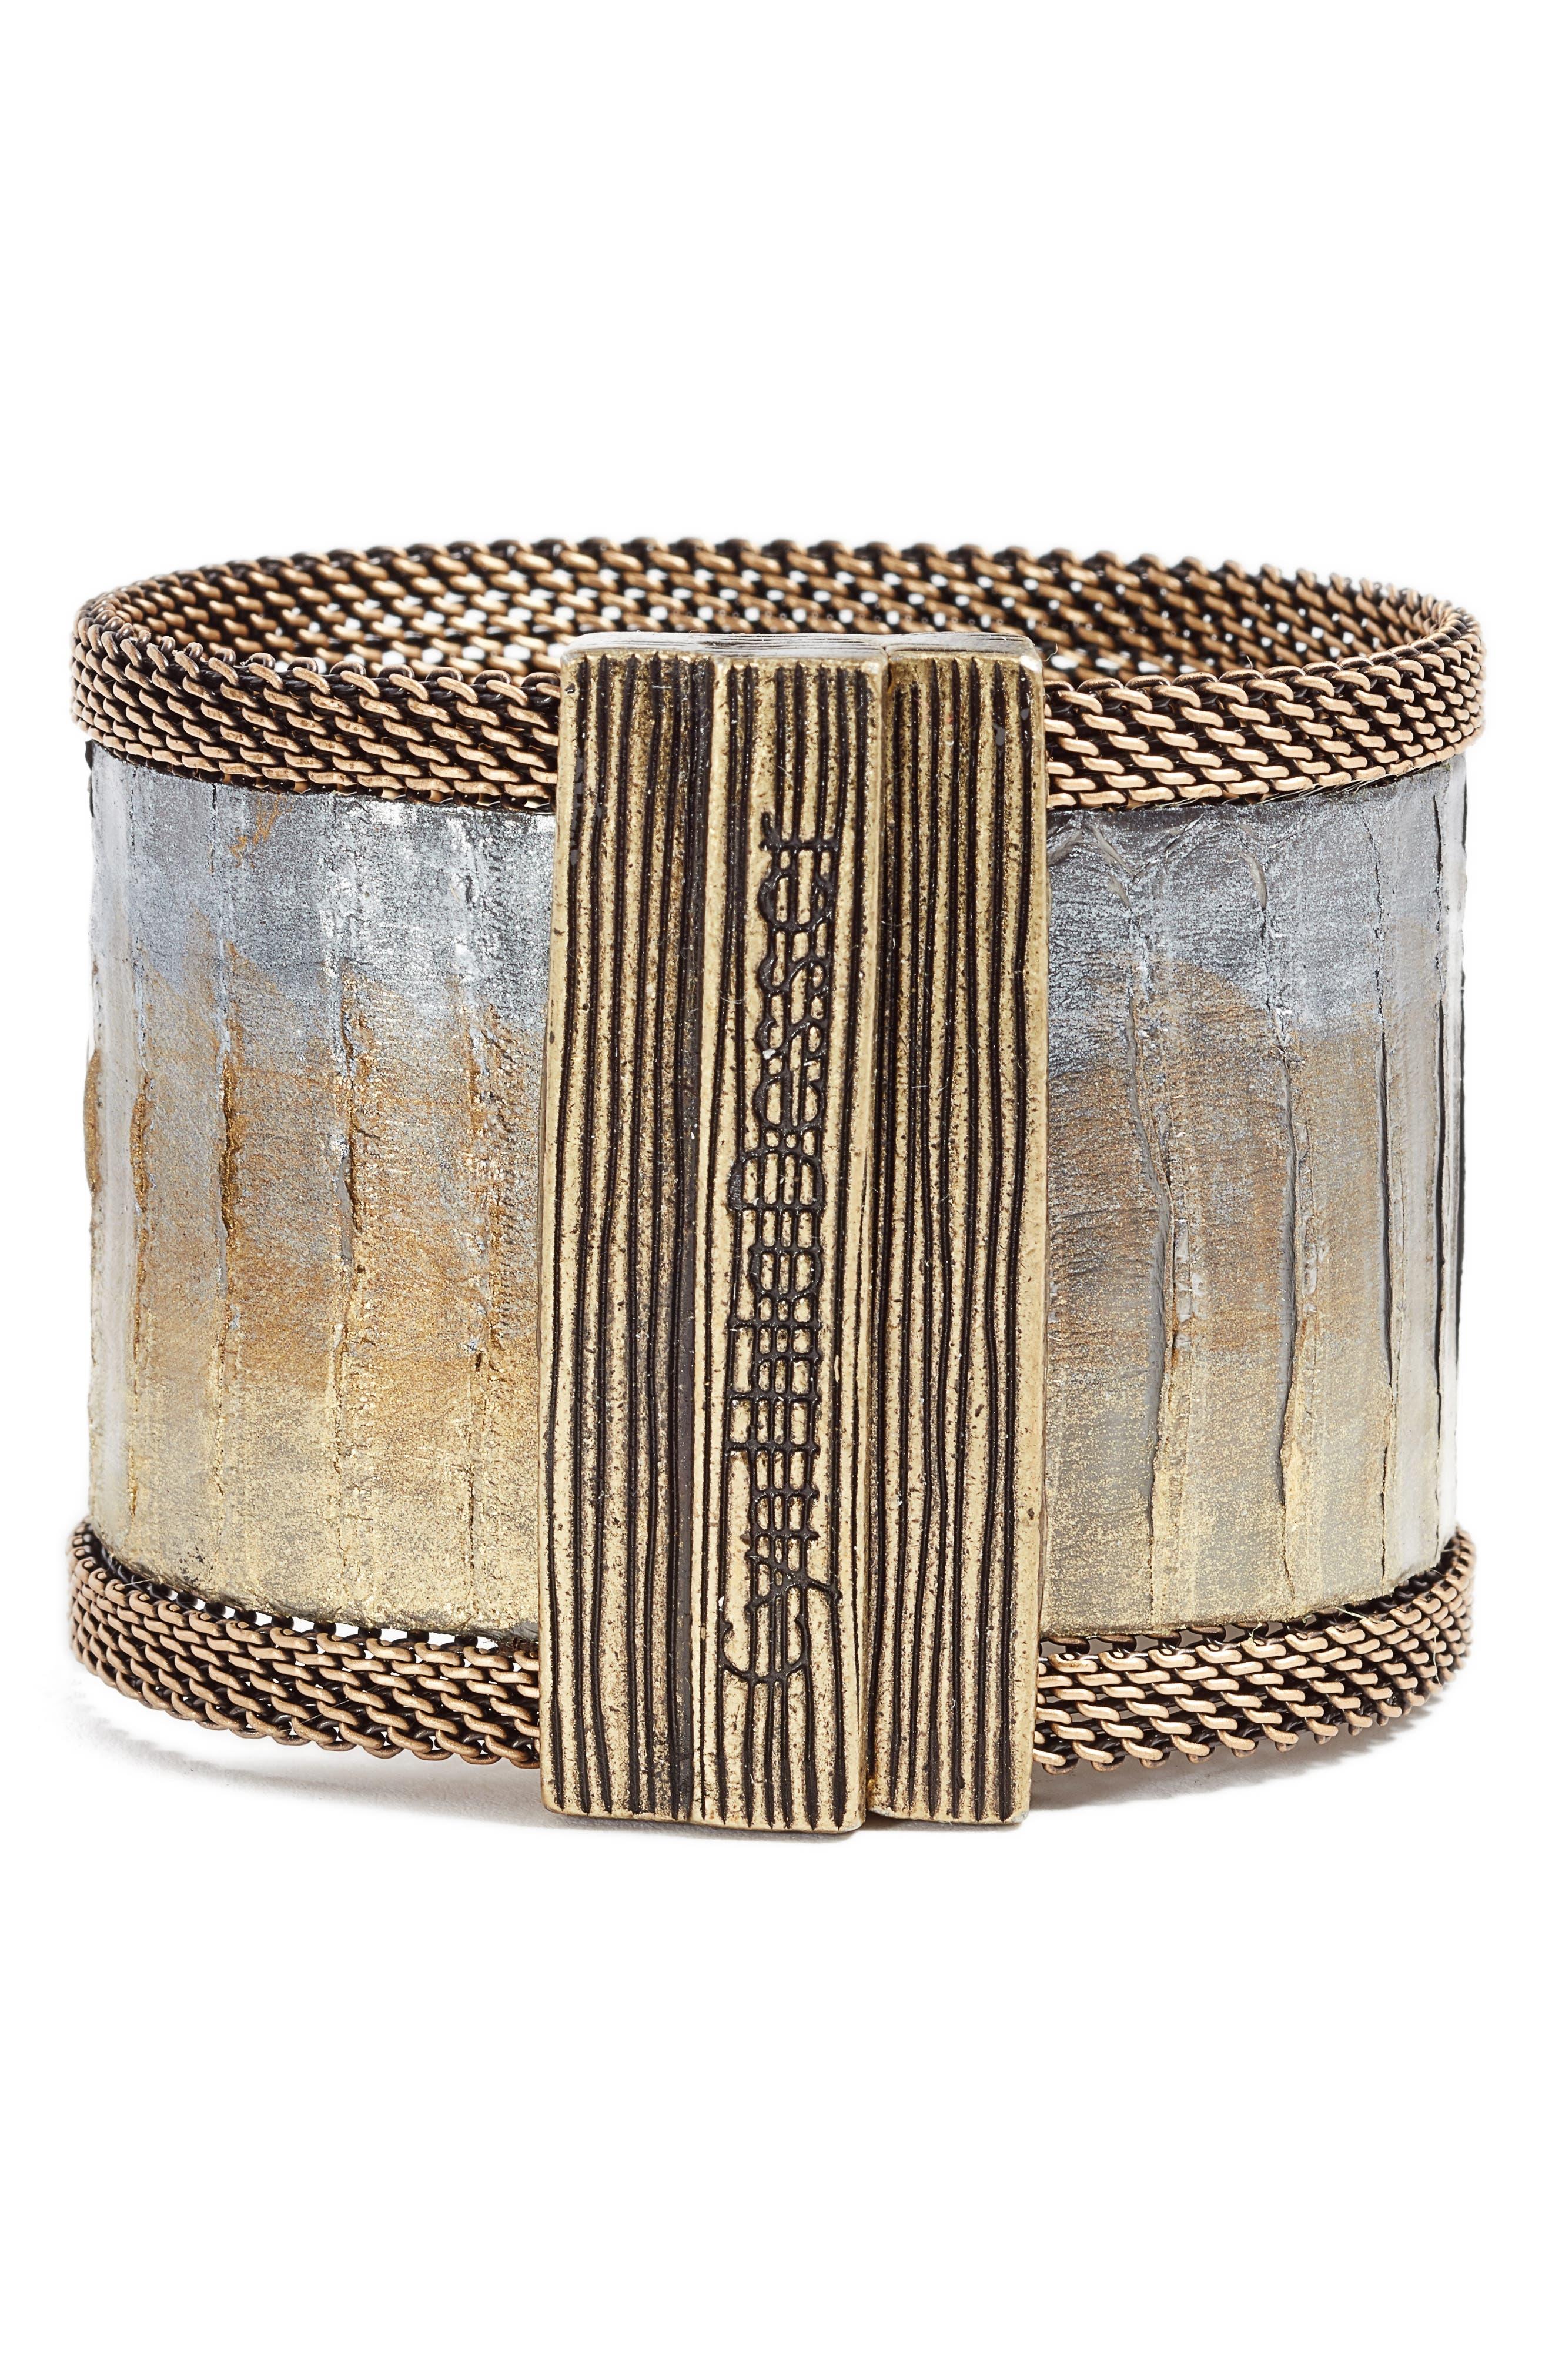 Snakeskin Bracelet,                             Alternate thumbnail 3, color,                             Gold/ Grey/ Bronze